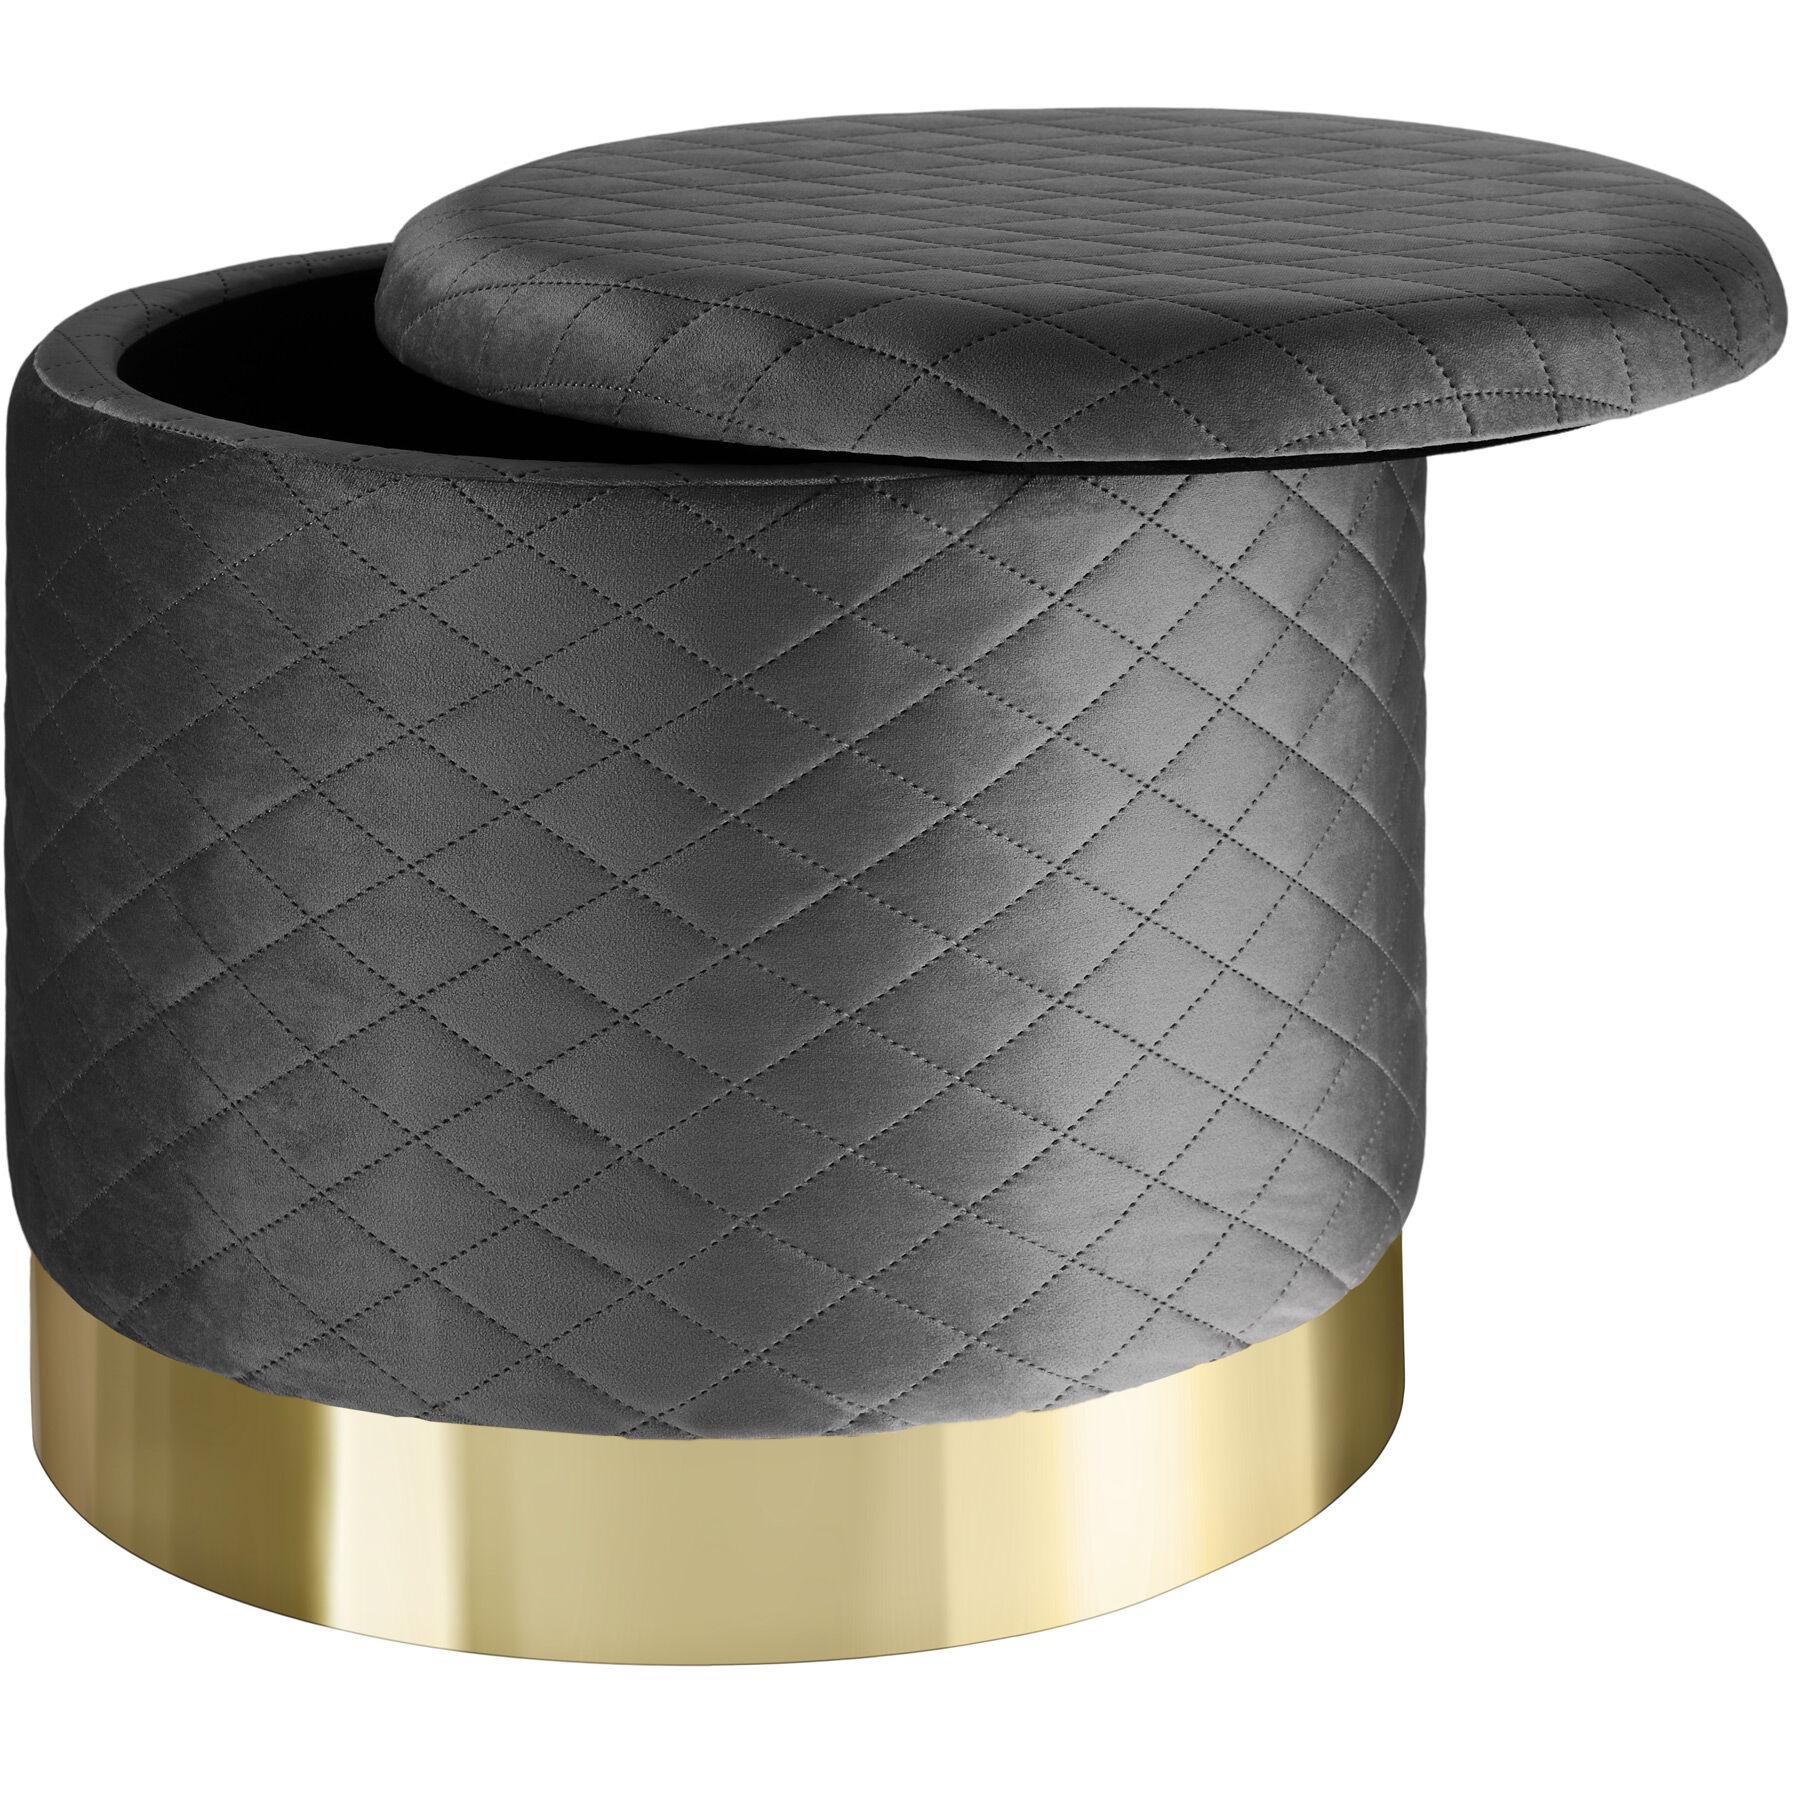 tectake Stool Coco upholstered in velvet look with storage space - 300kg capacity - dark grey